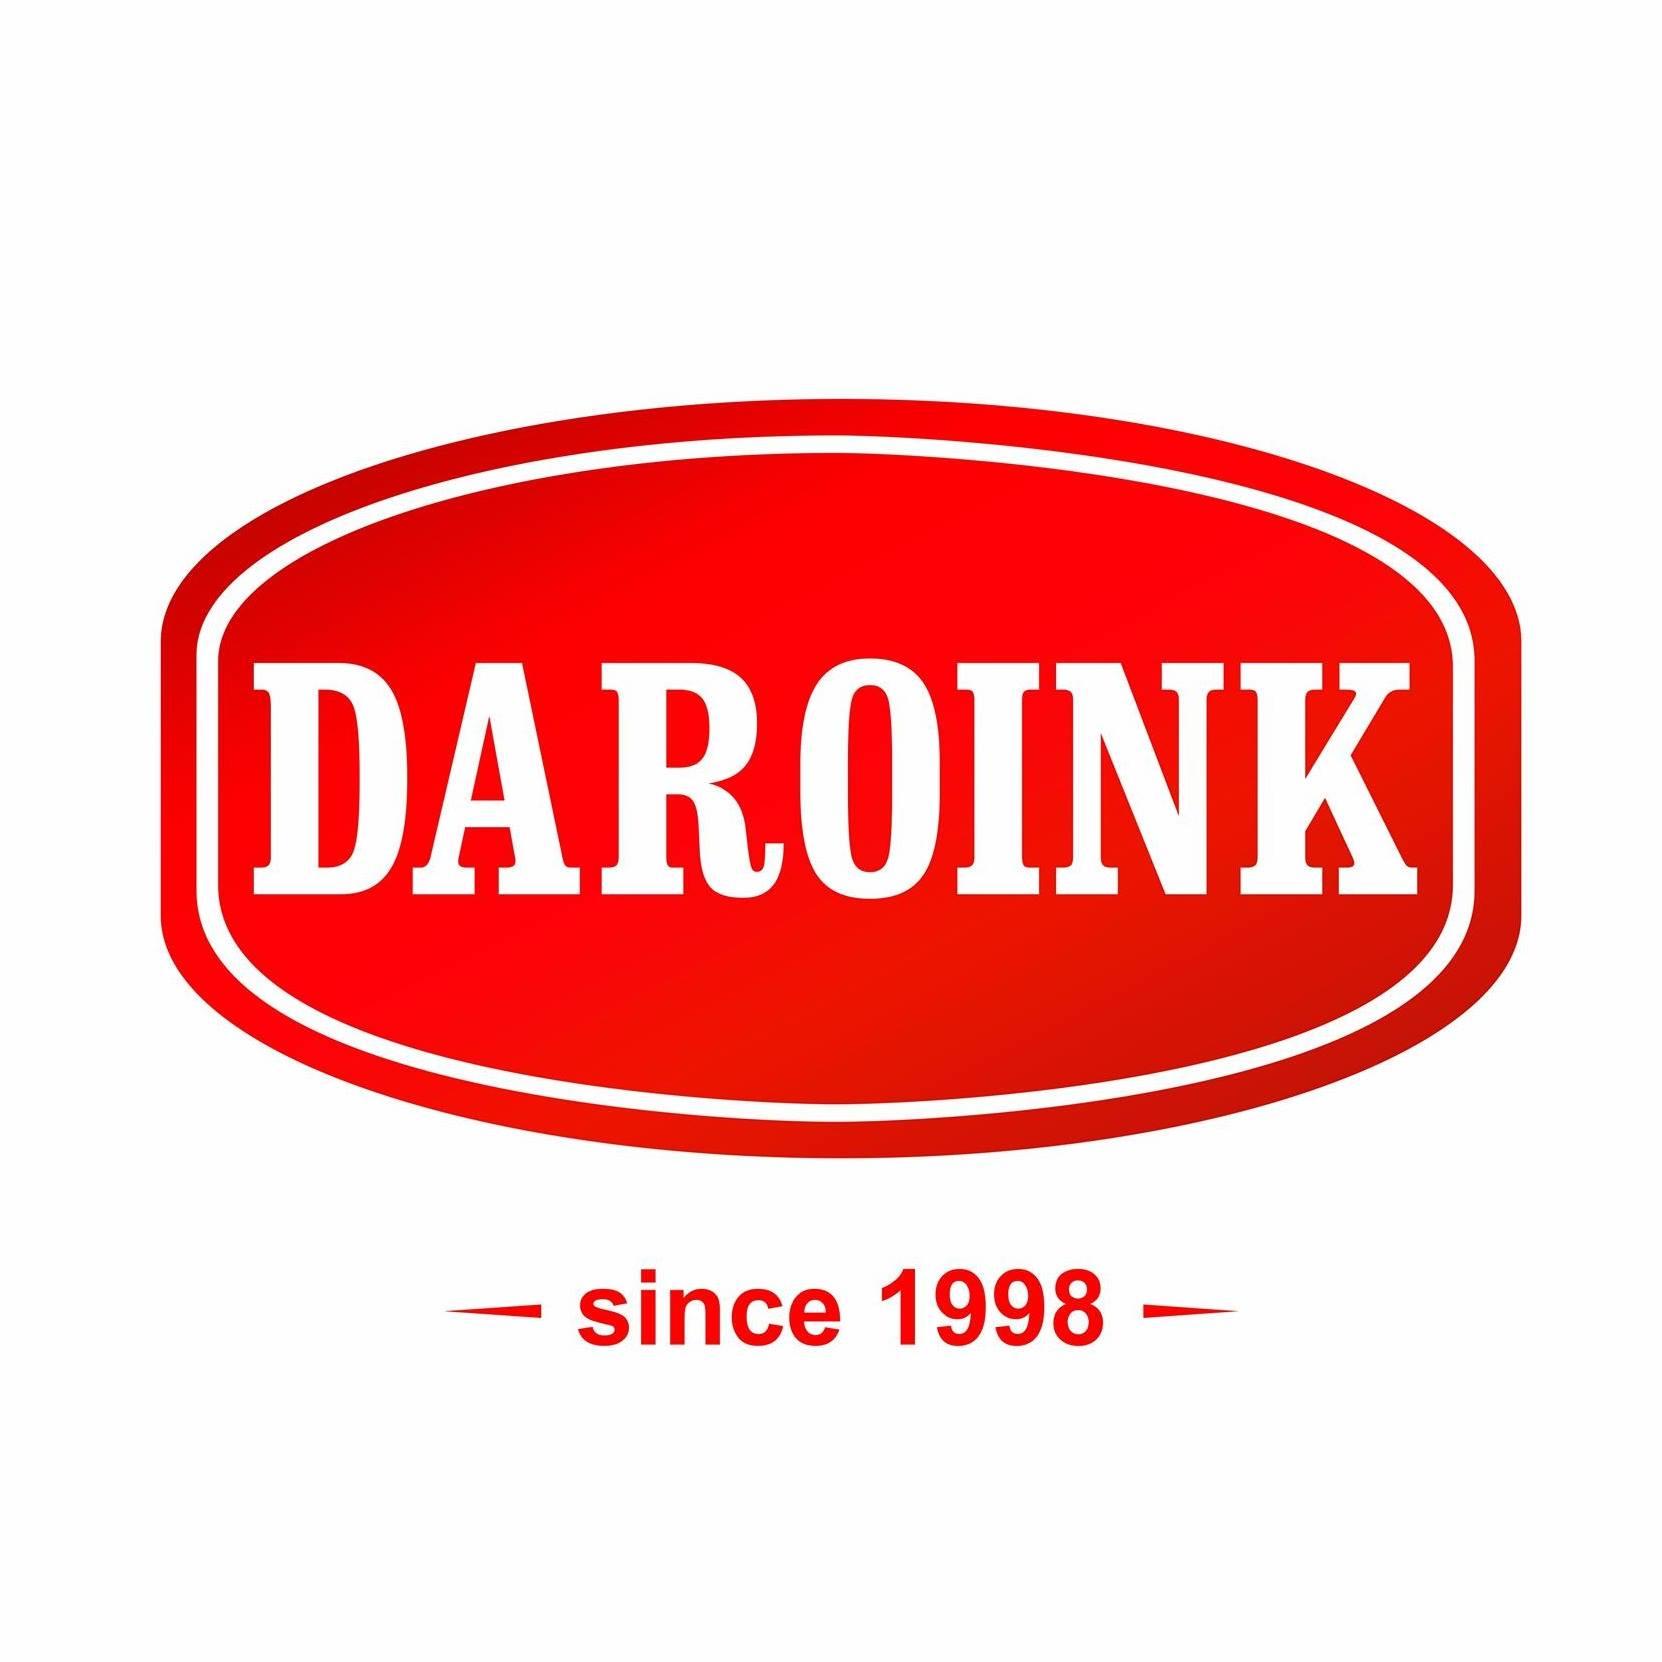 DAROINK